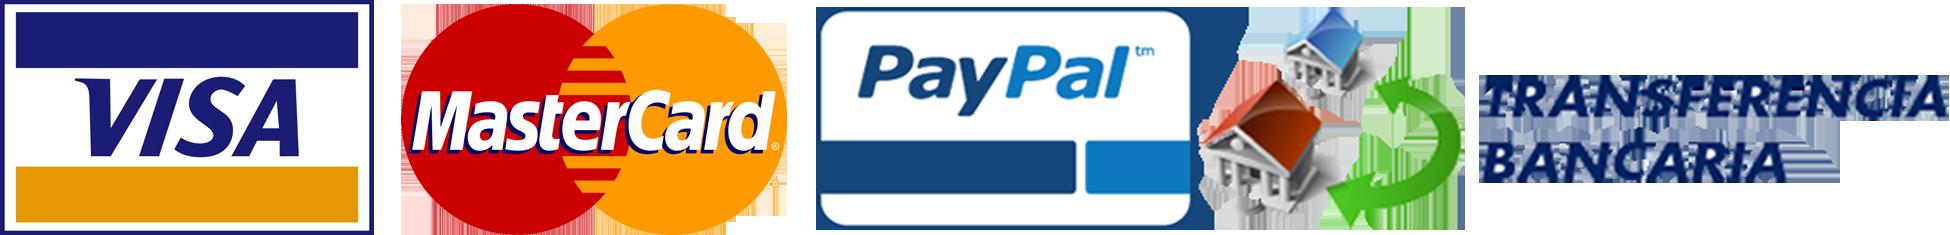 Visa-MasterCard-Paypal-TransferenciaBancaria